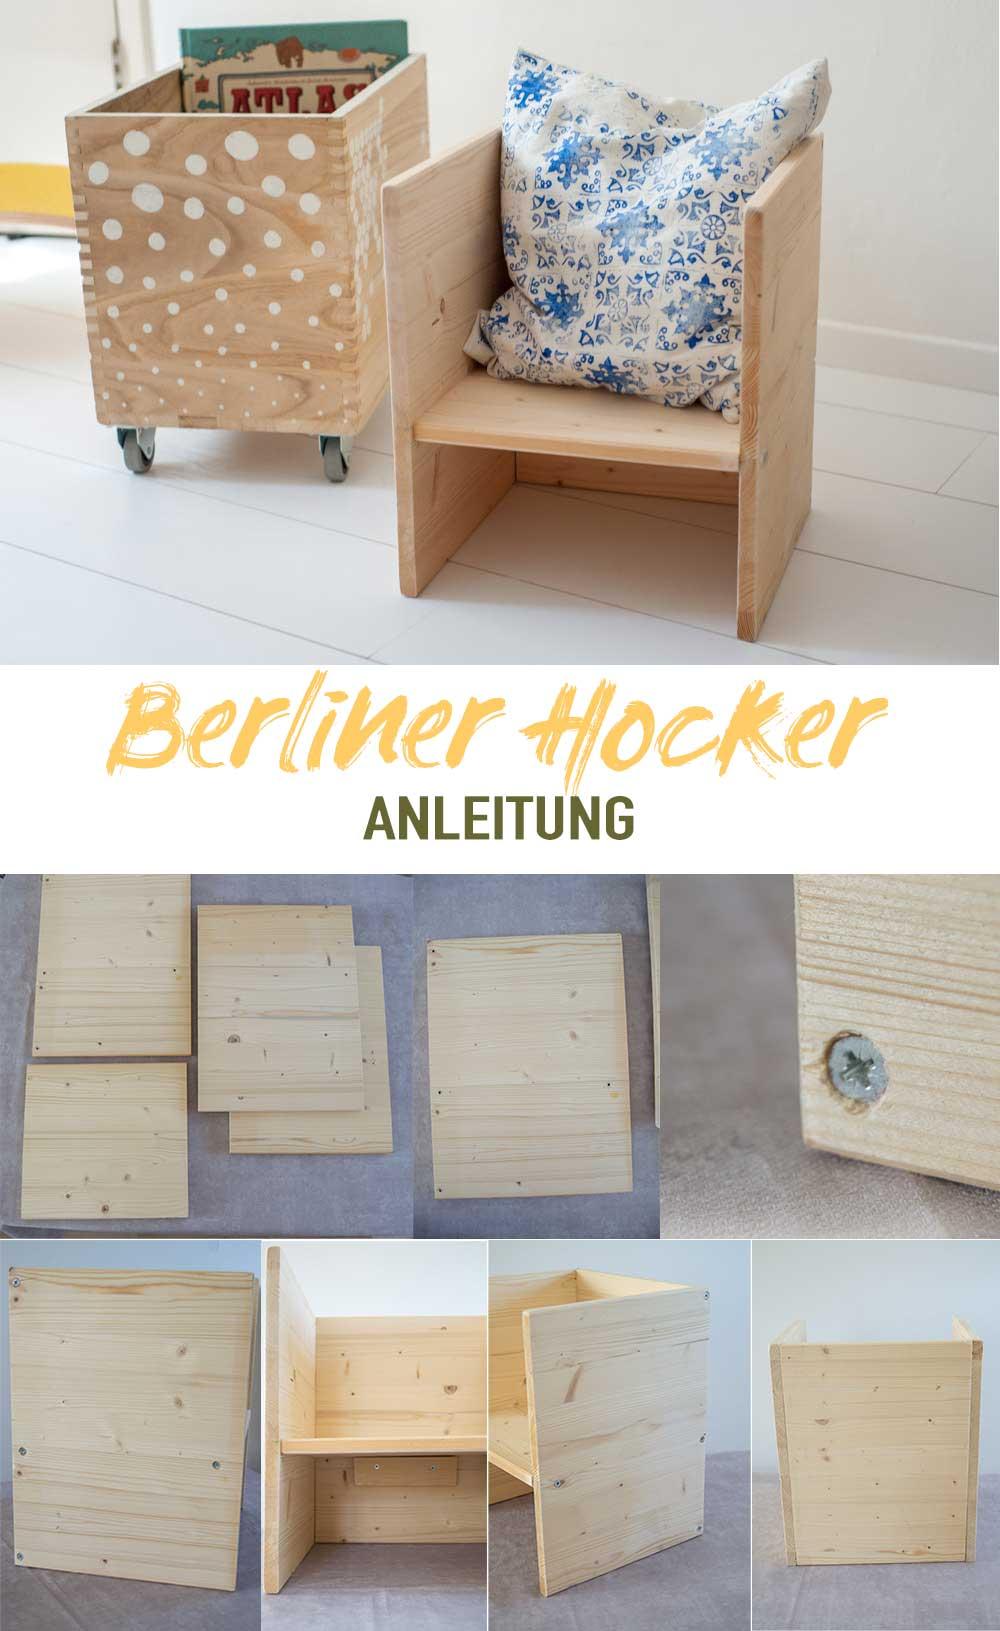 Anleitung Berliner Hocker für Kinder